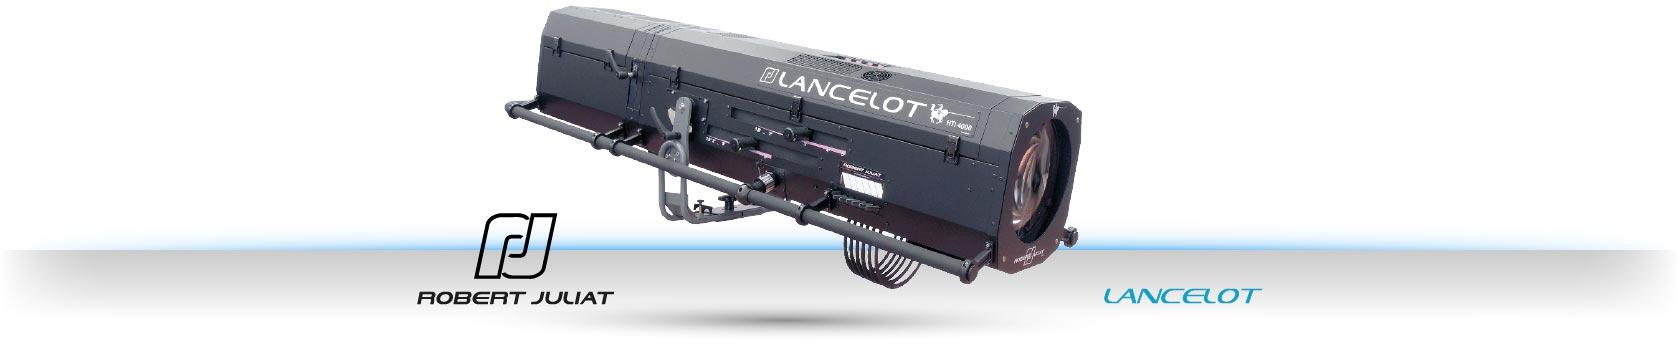 RJ-Lancelot_slider_1